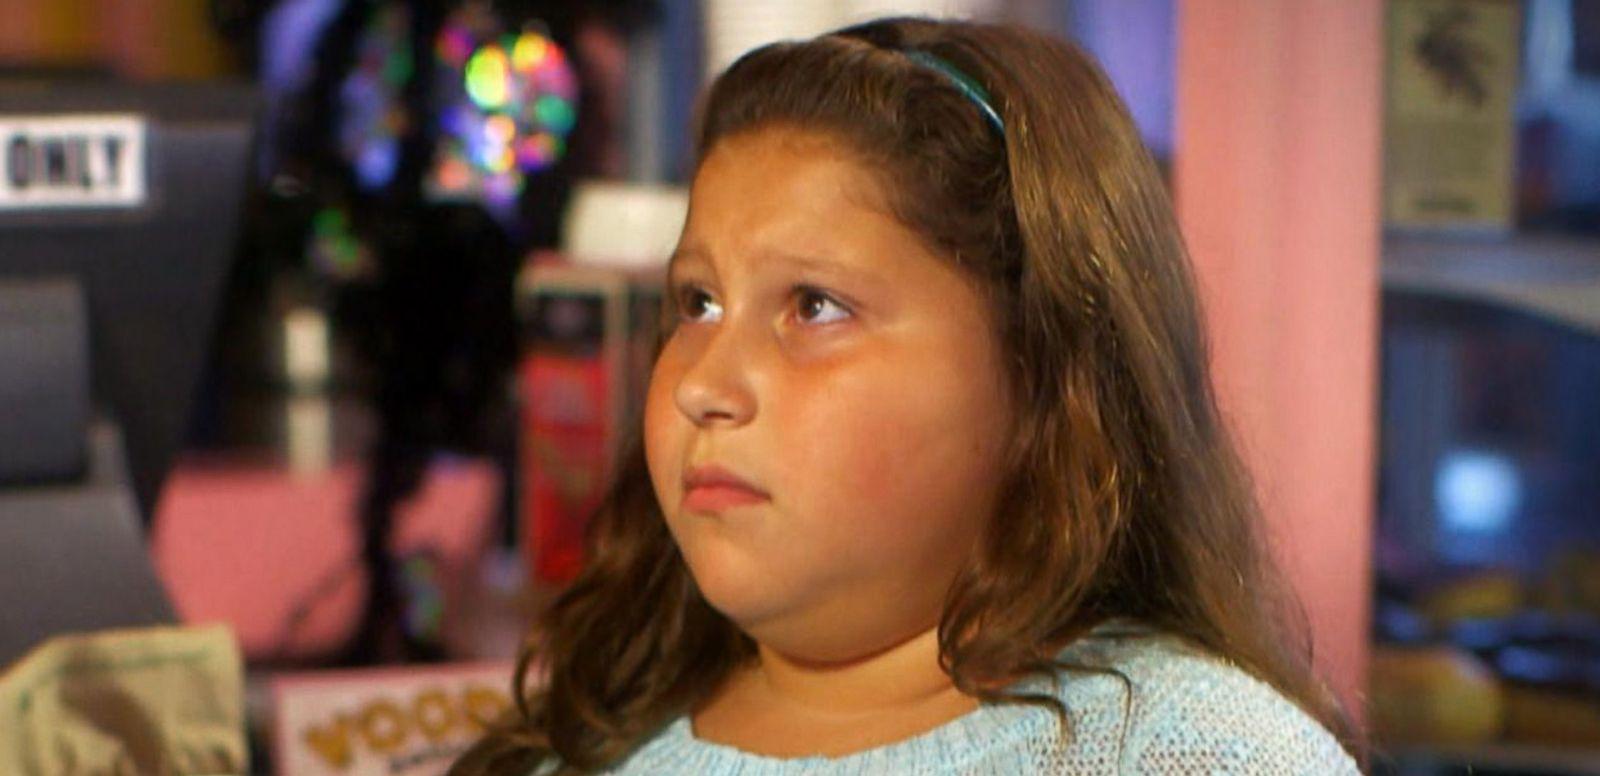 gamer Fat girl